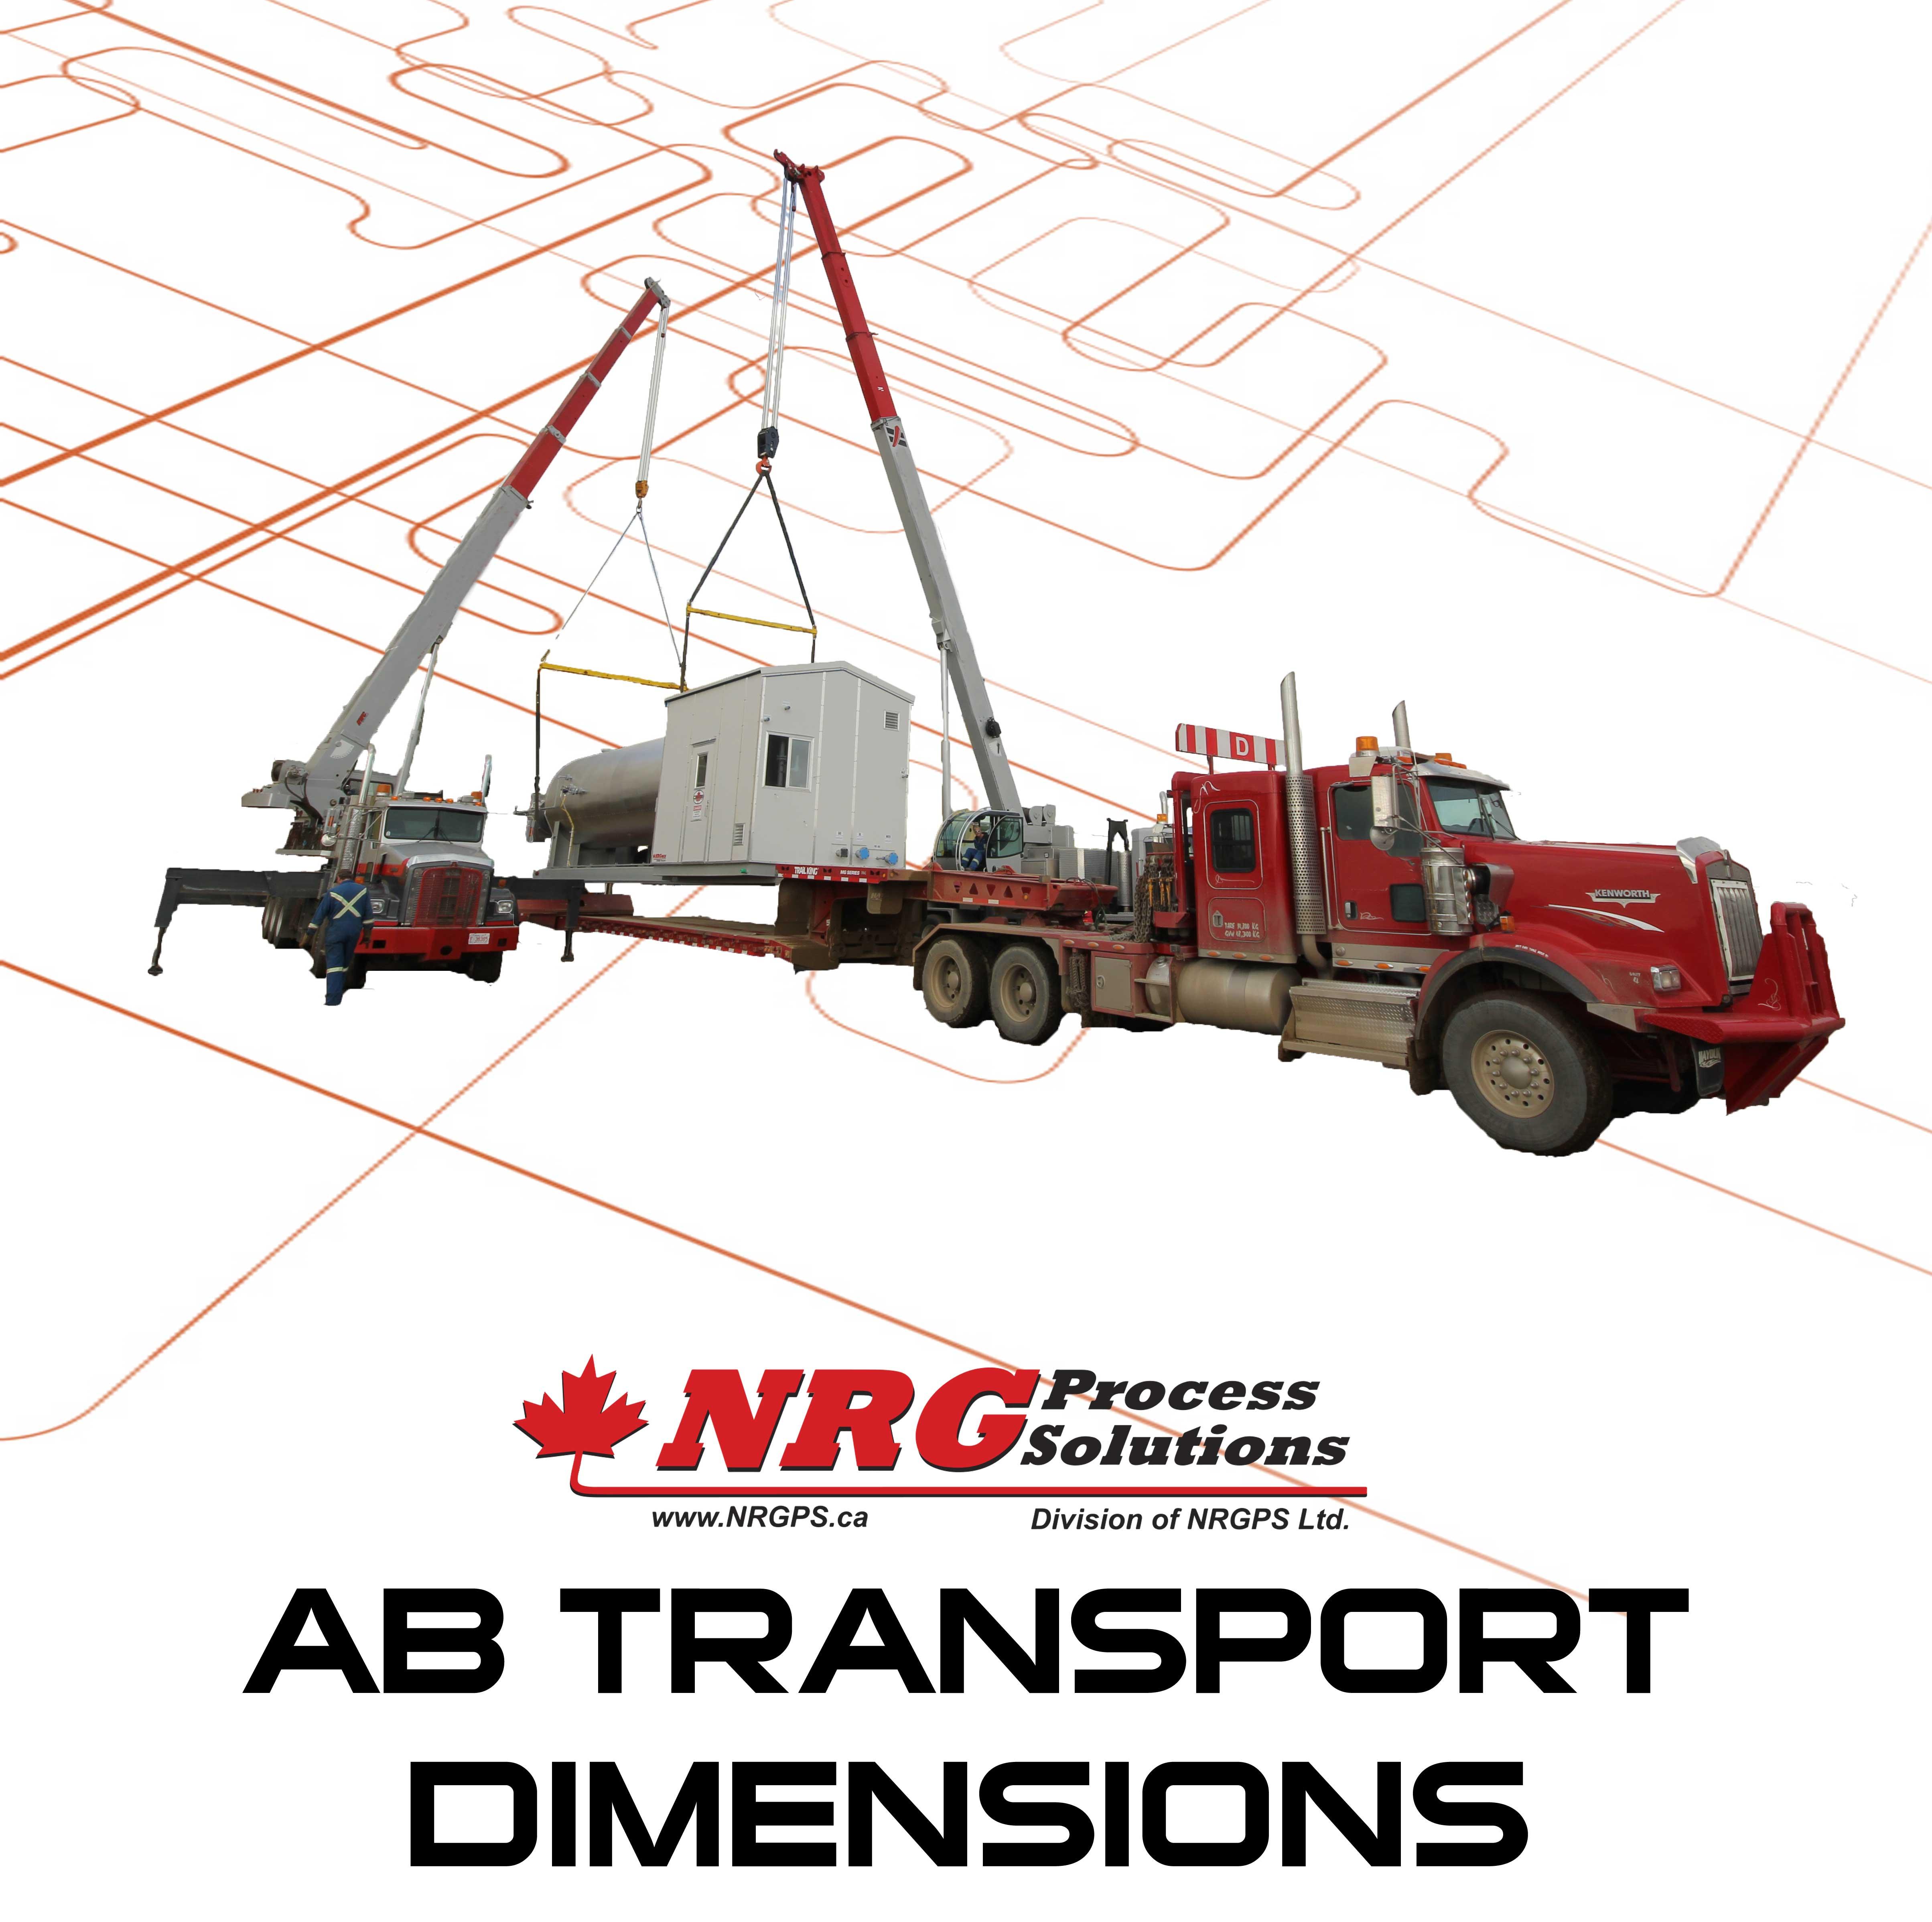 Alberta-Transport-Dimensions-Button